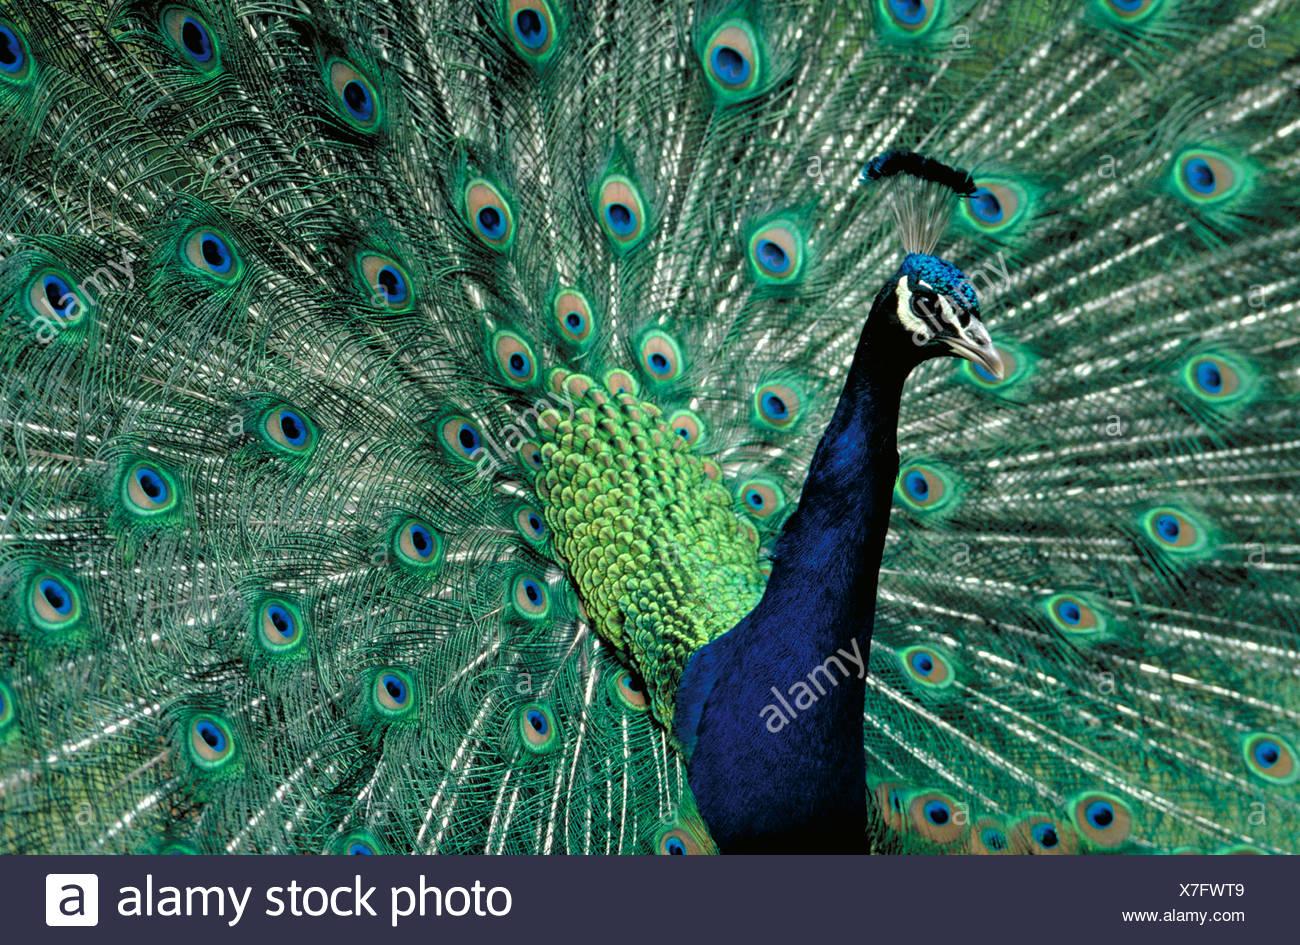 Peacock s'étend ses plumes de la queue. Photo Stock